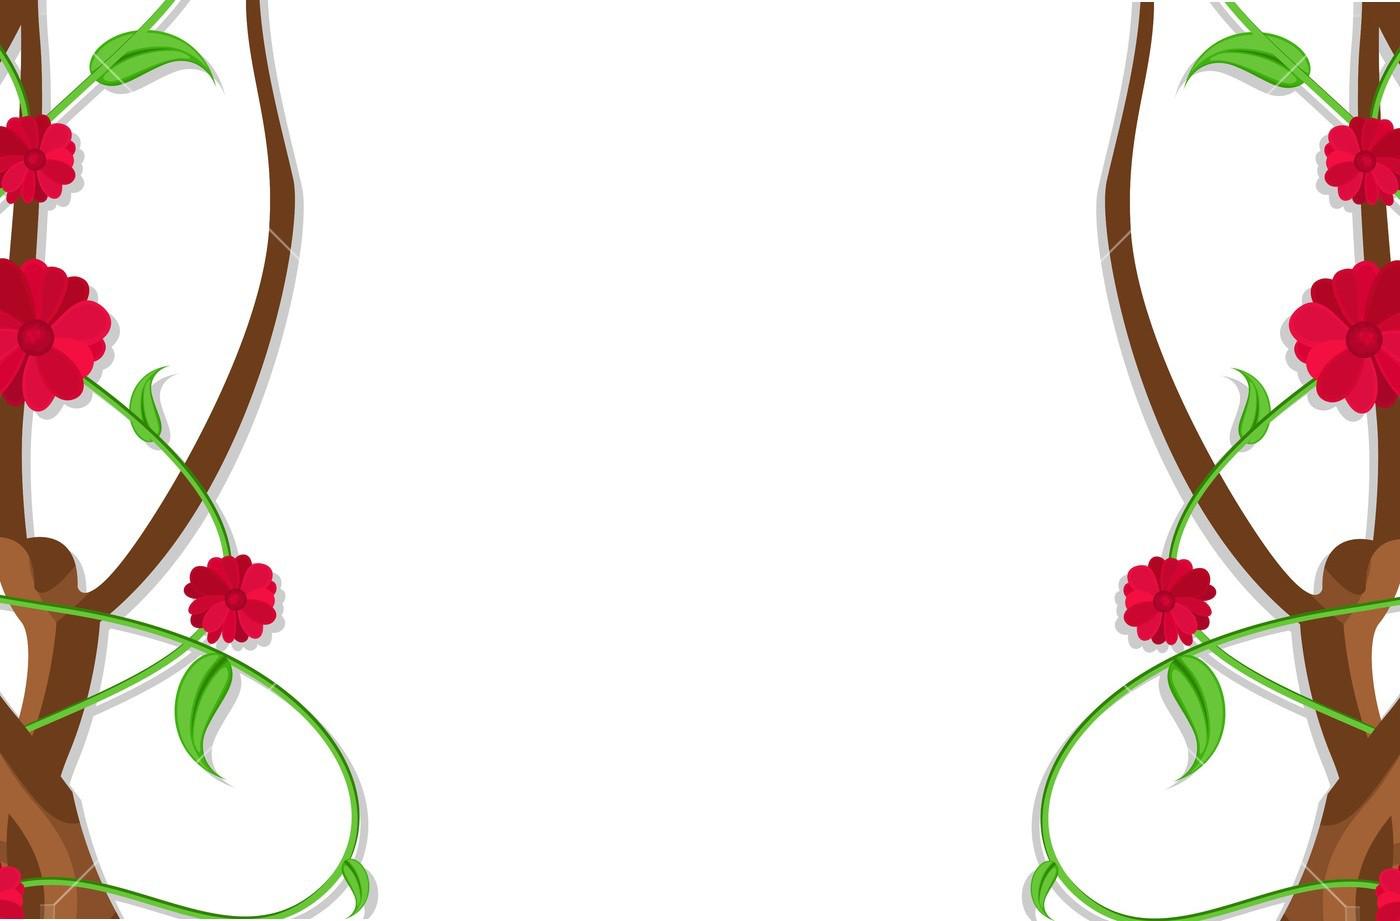 Flower Border Designs PNG Free Image Download.